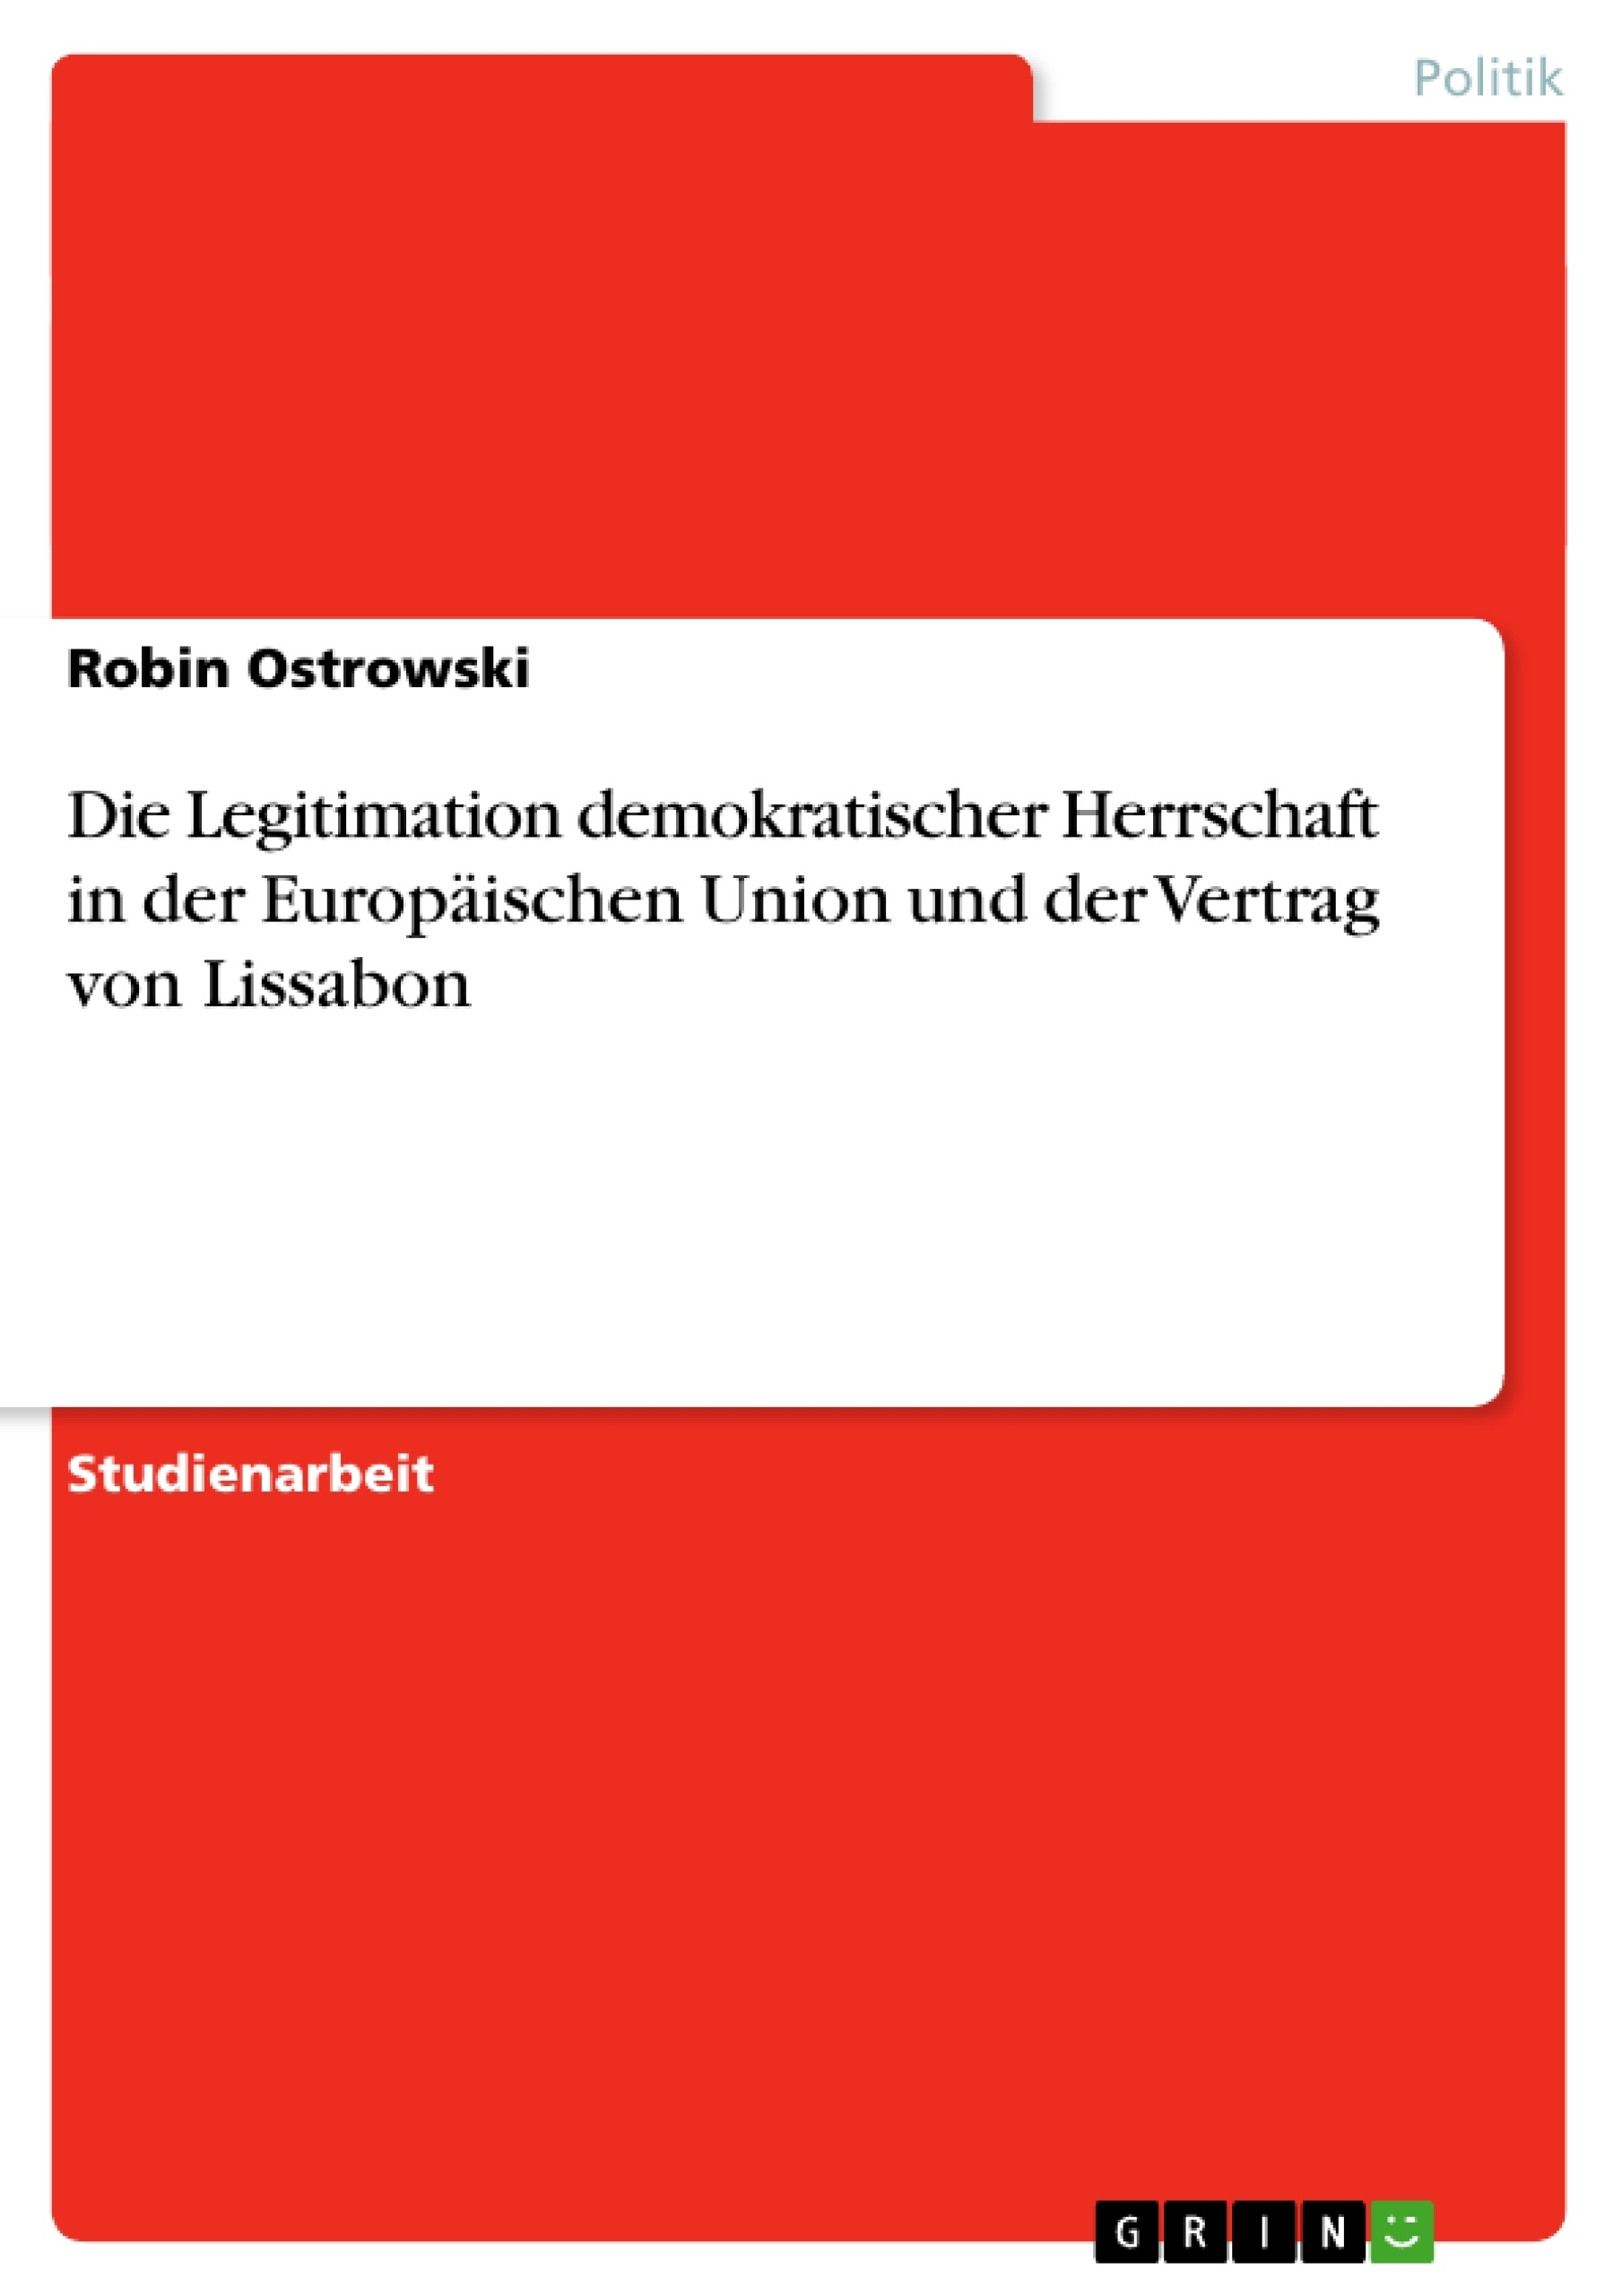 Titel: Die Legitimation demokratischer Herrschaft in der Europäischen Union und der Vertrag von Lissabon